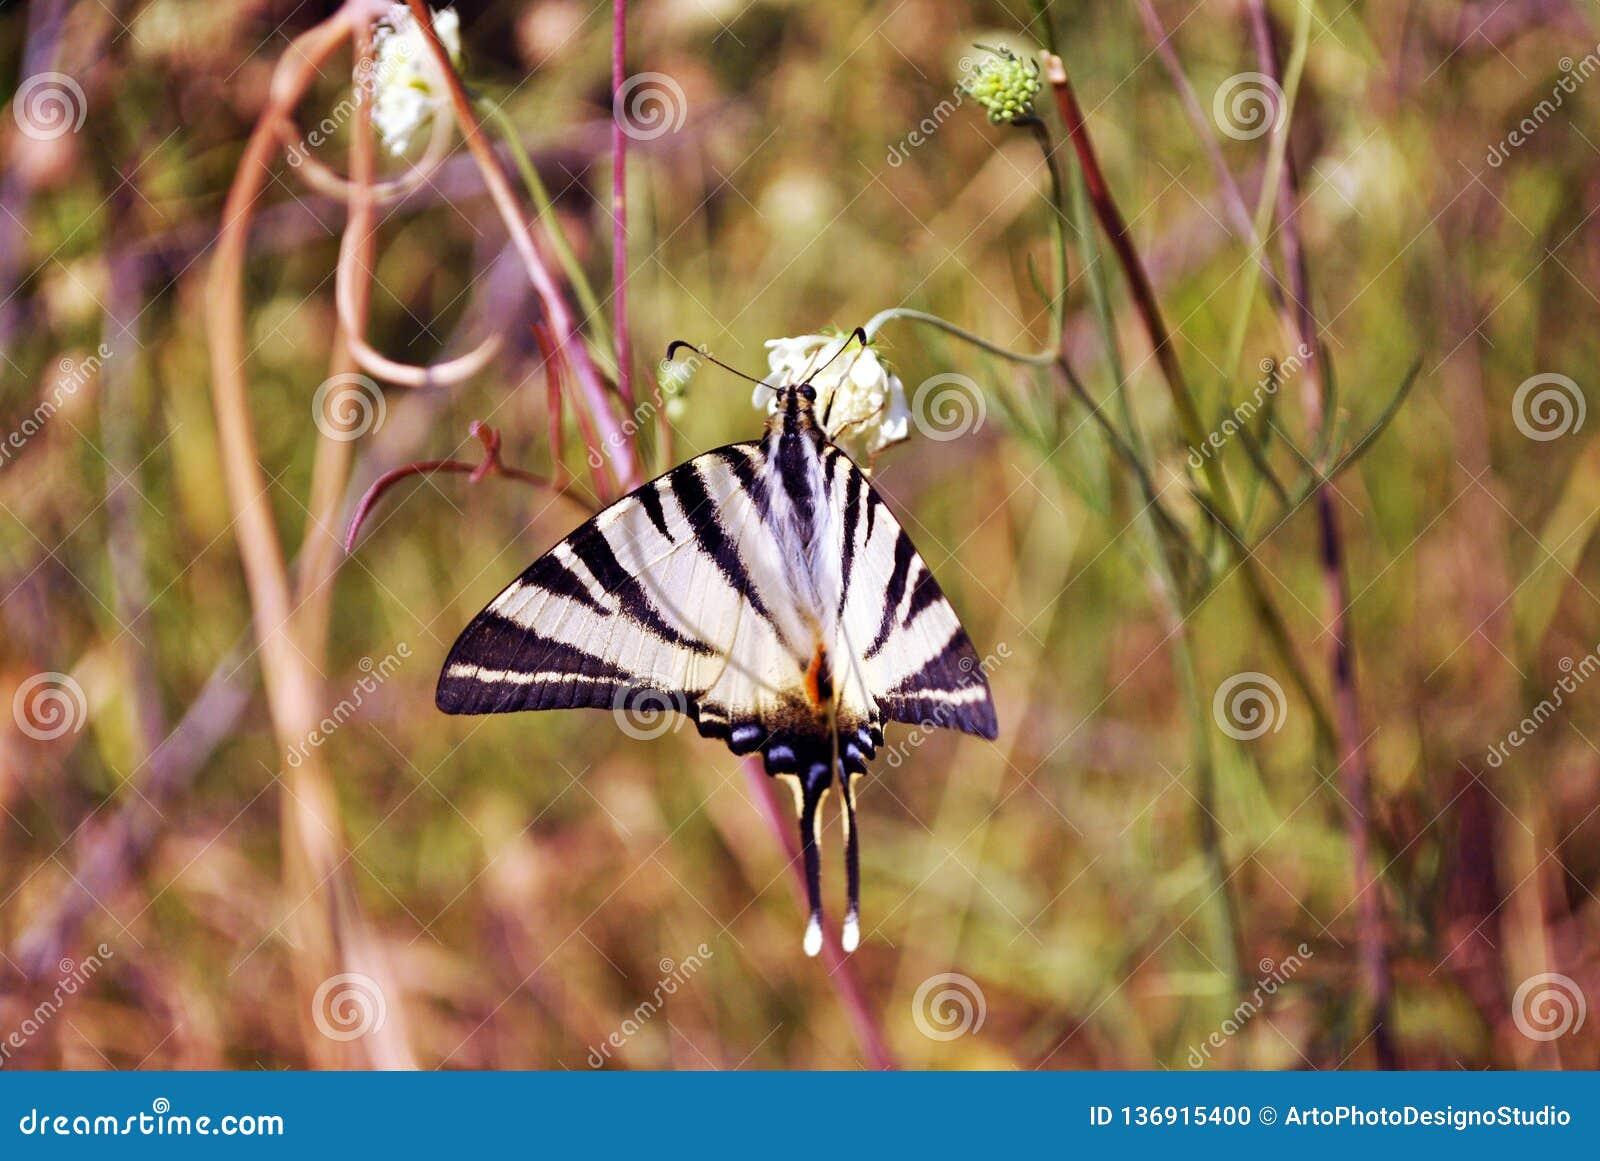 Η λιγοστή συνεδρίαση podalirius Iphiclides swallowtail στο άσπρο λουλούδι, κίτρινη χλόη